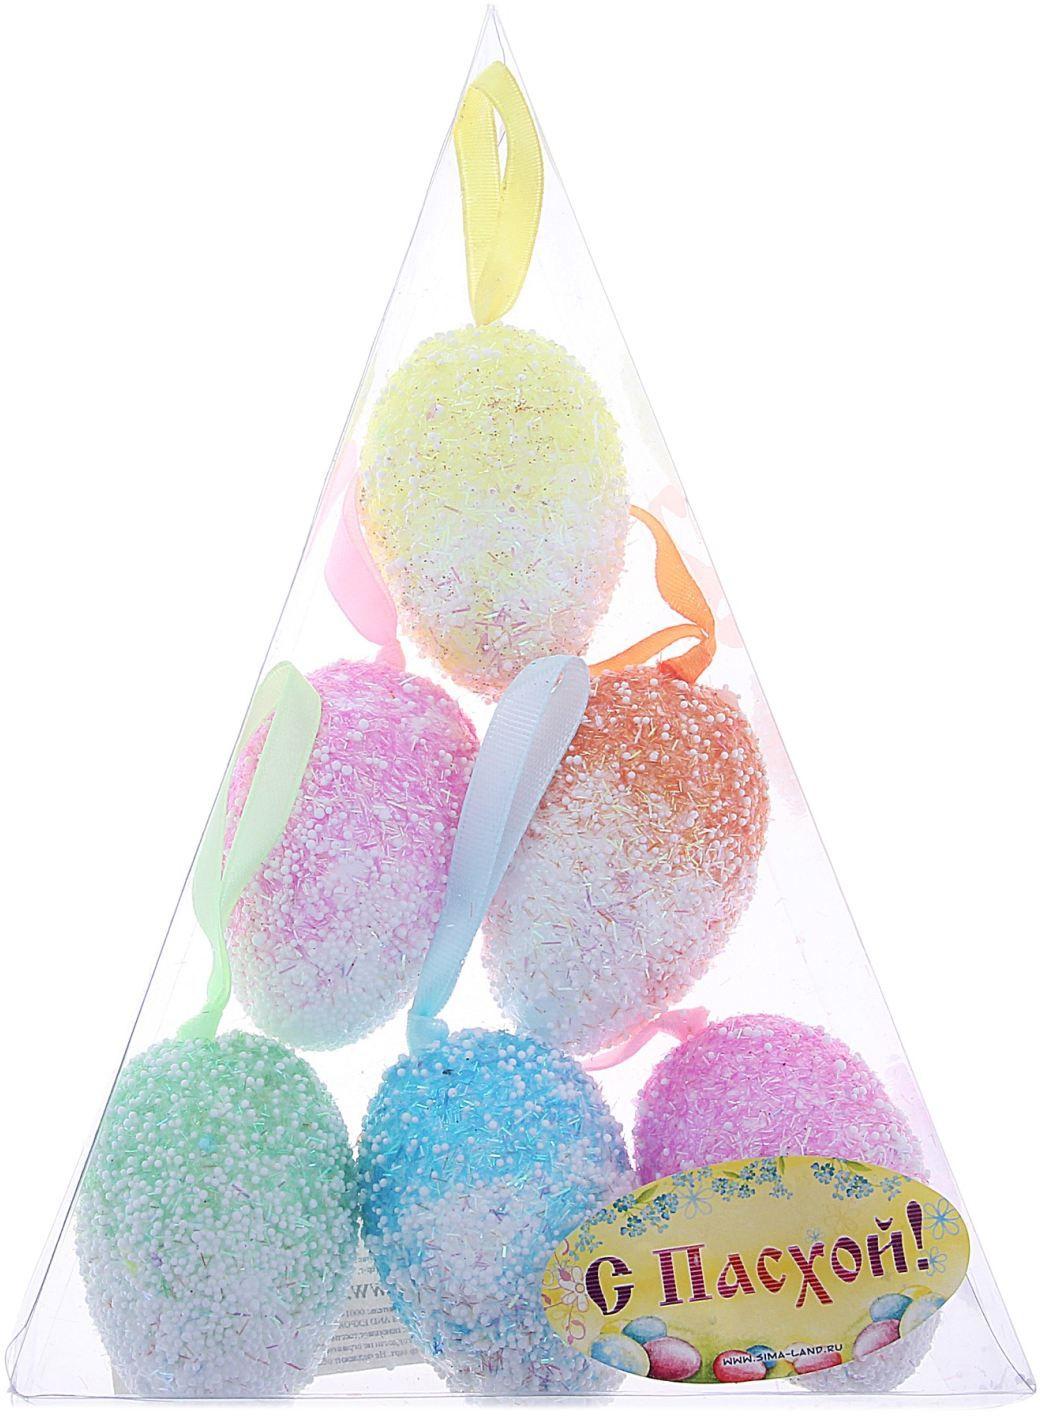 Сувенир пасхальный Sima-land Яйцо. Радуга, 4 х 4 х 6 см, 6 шт1840077Сувенир - пасхальное яйцо Радуга (набор 6 шт) - символ жизни и возрождения. Вариантов применения такого милого сувенира множество. Во-первых, он послужит прекрасным подарком гостям, коллегам или друзьям. Всю праздничную неделю вы можете обмениваться подарочками.Во-вторых, с помощью такого сувенира вы сможете сами заняться сервировкой праздничного стола, положив его каждому гостю на тарелку, на красивую салфетку, выгодно подобрав цвета.